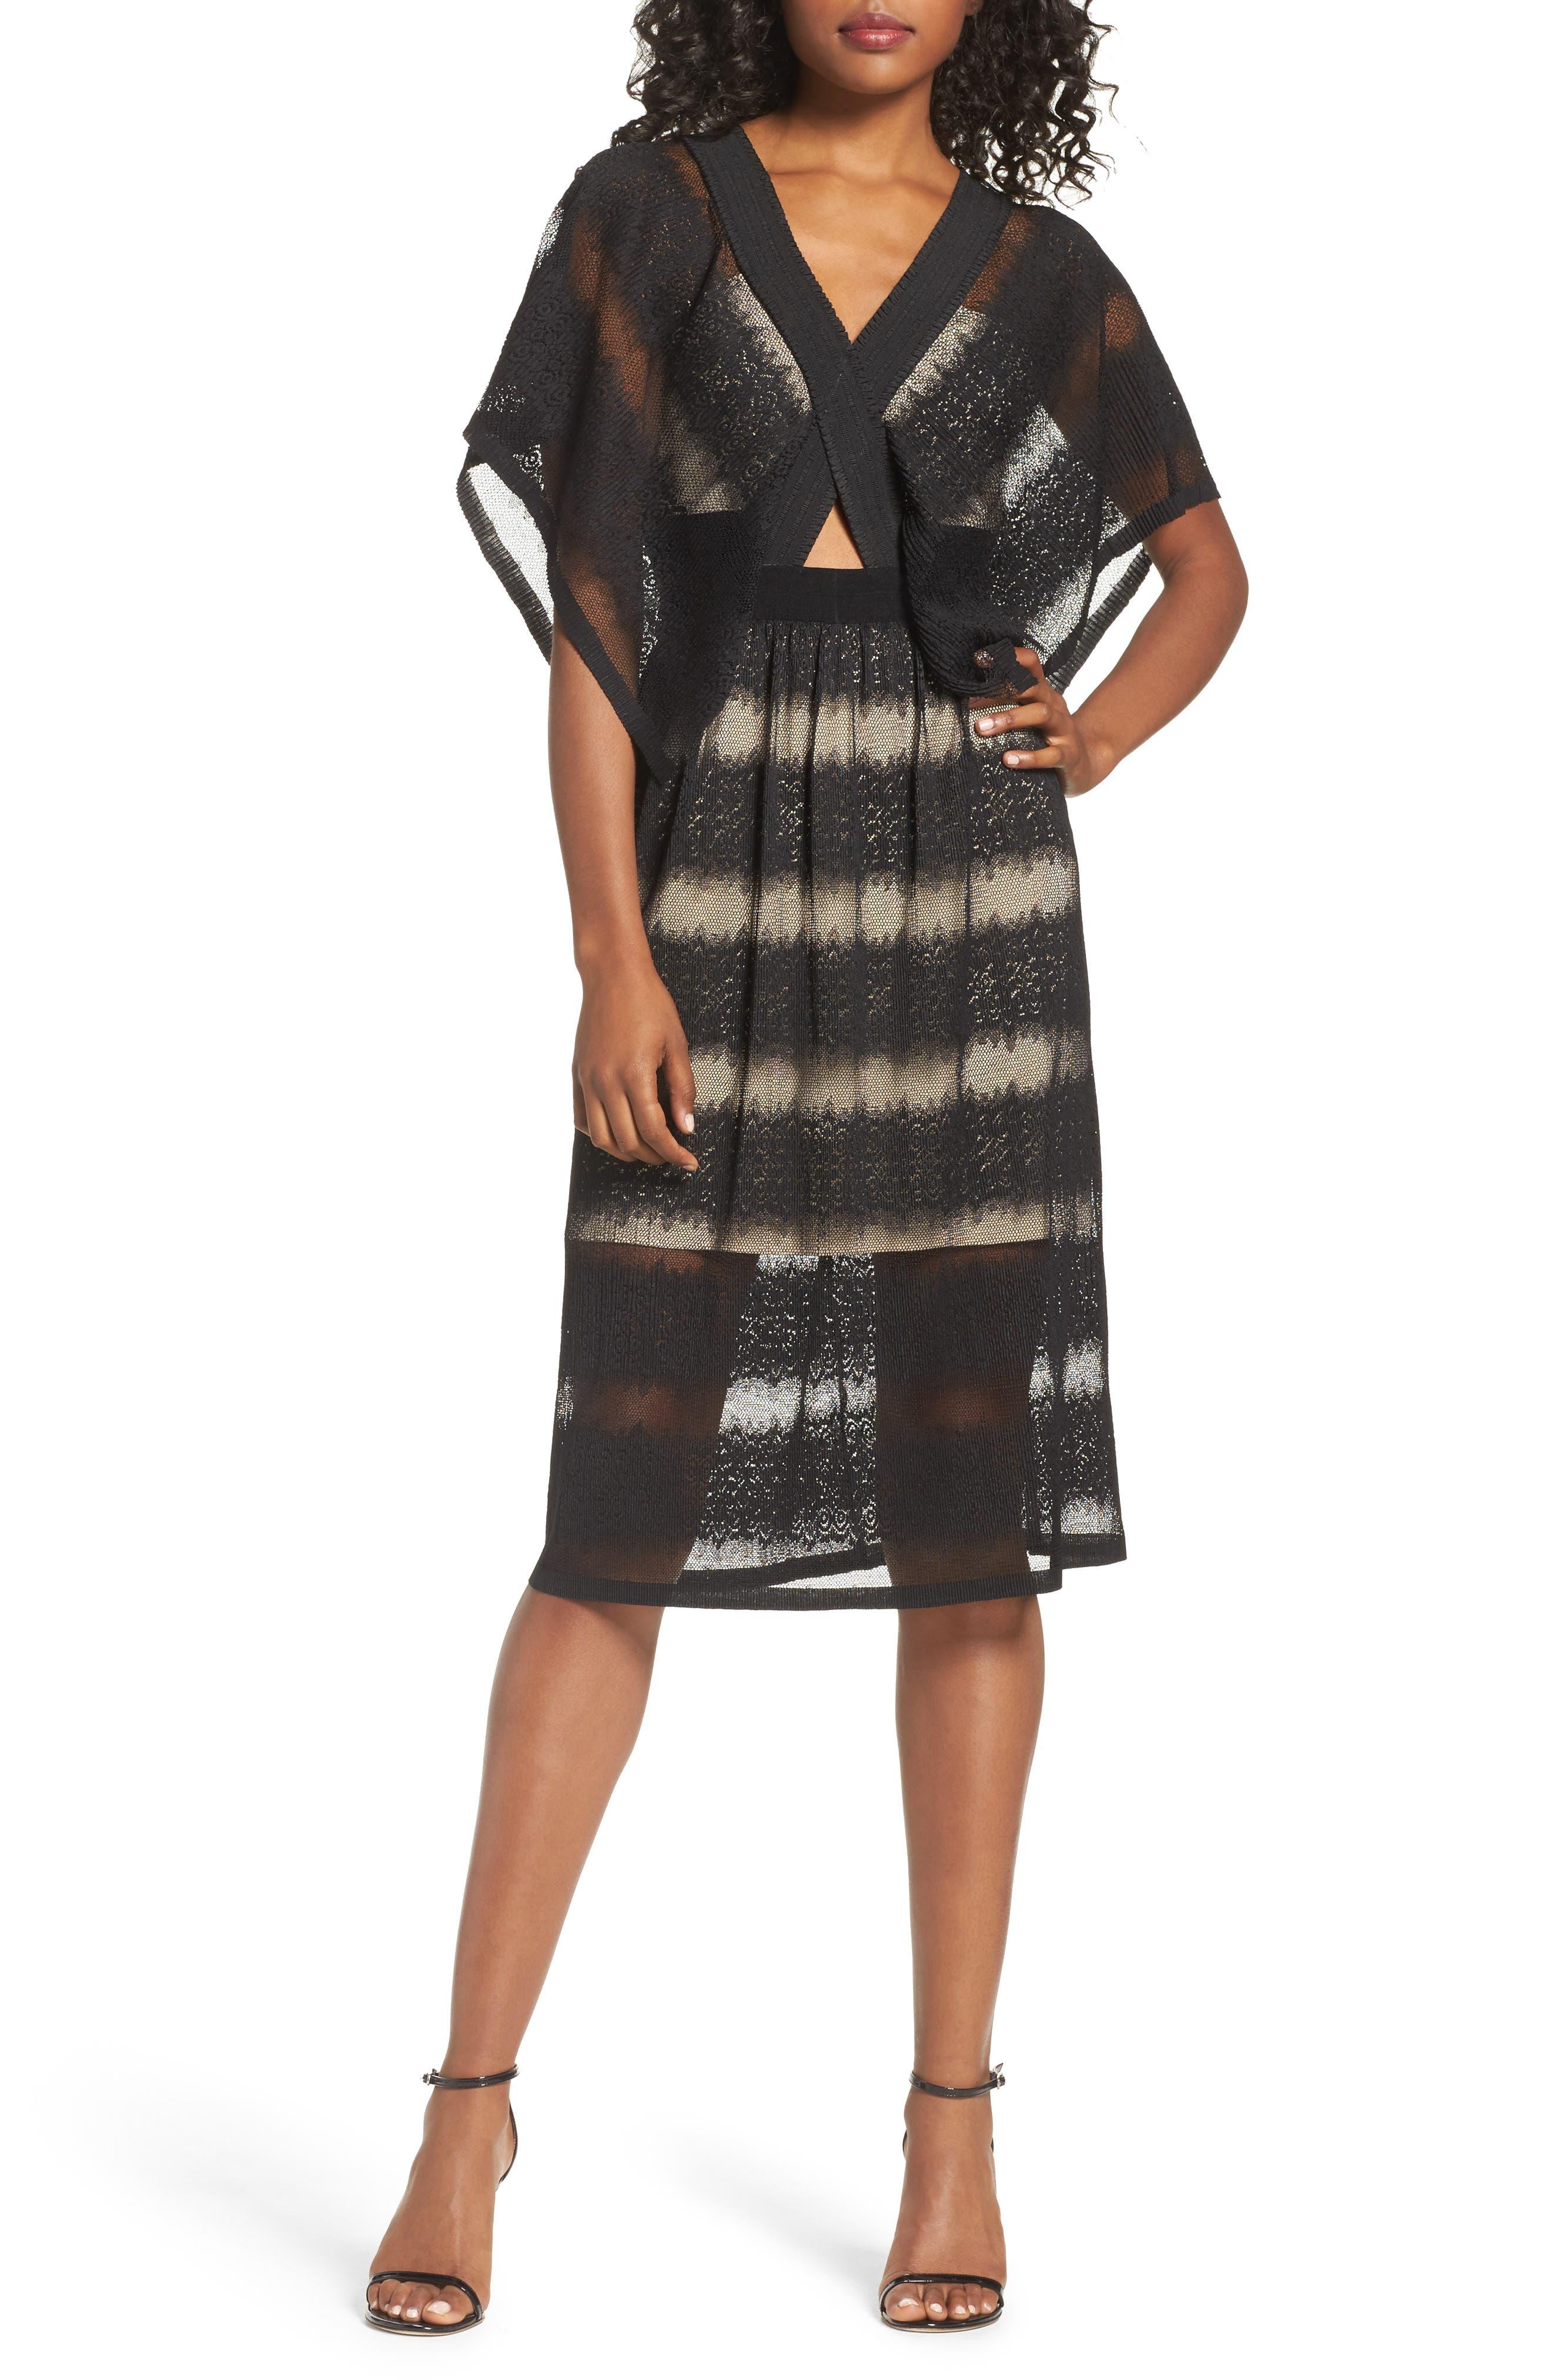 Angelique Deep V-Neck Lace Dress,                             Main thumbnail 1, color,                             001